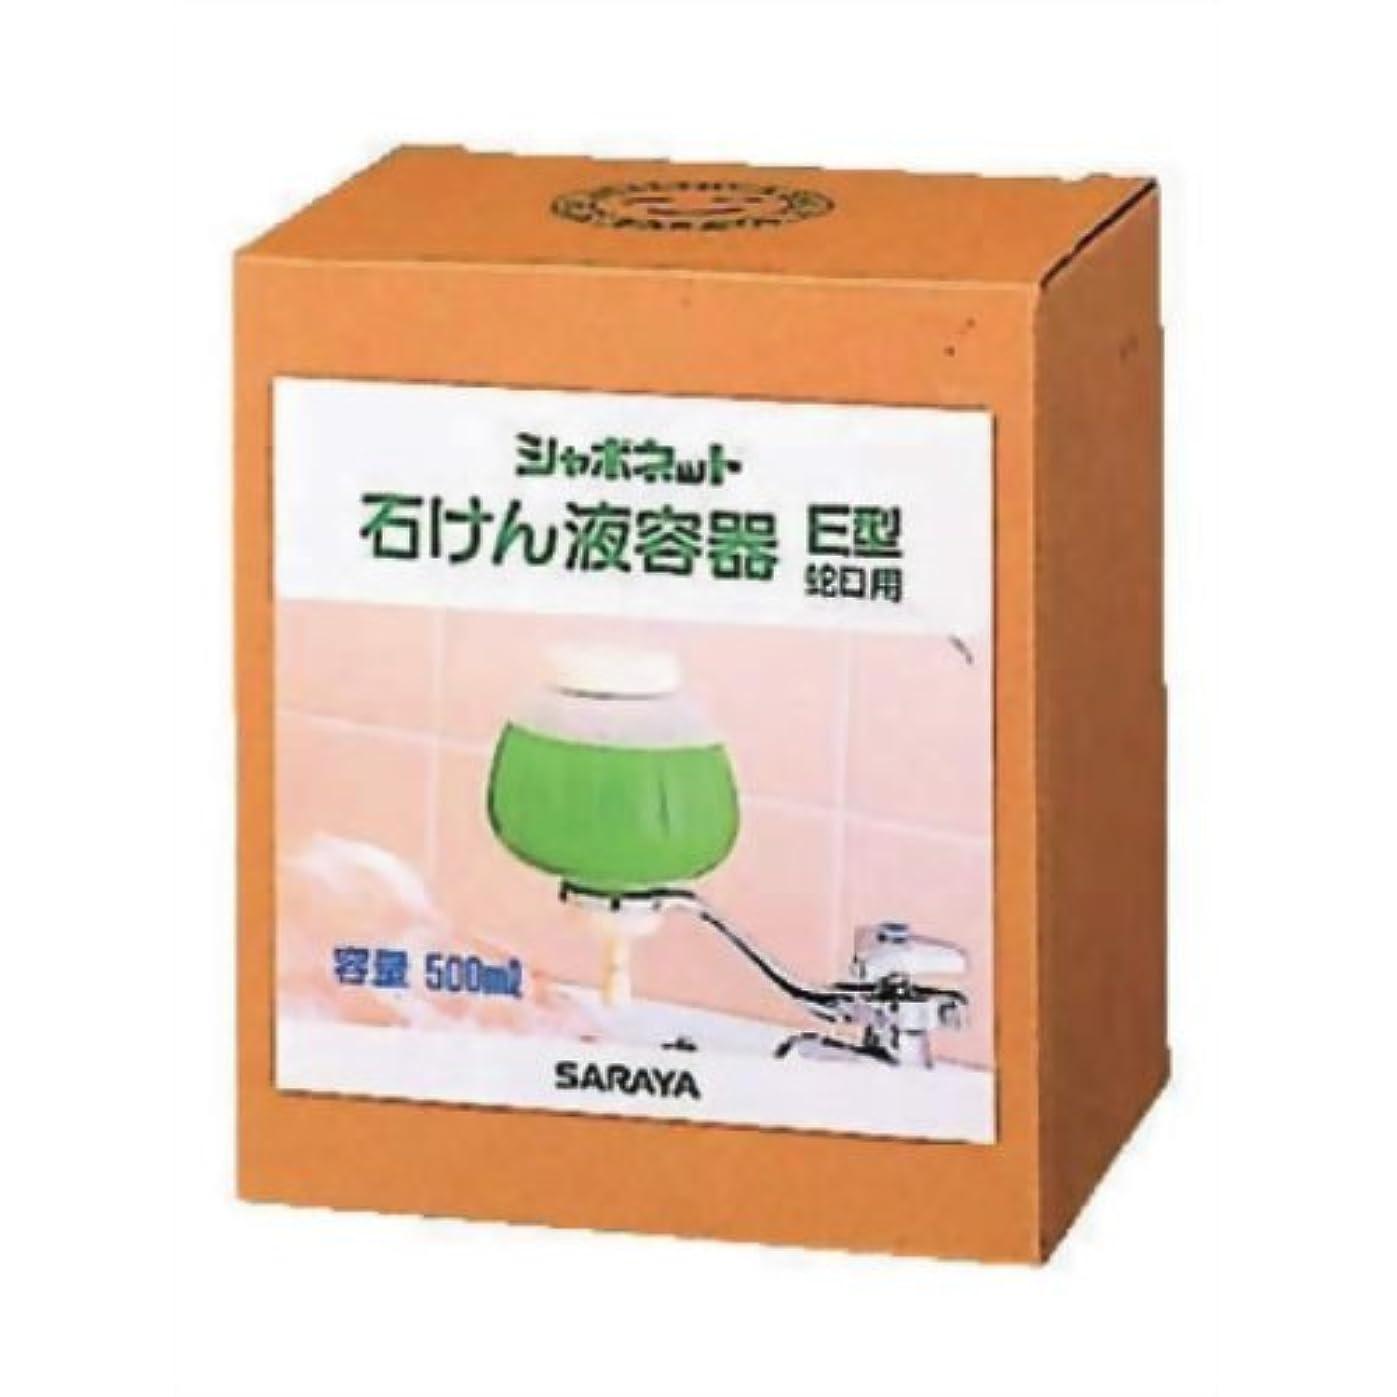 食事官僚重くするシャボネット石鹸液容器 500mLE型蛇口用 21450/63828559 サラヤ